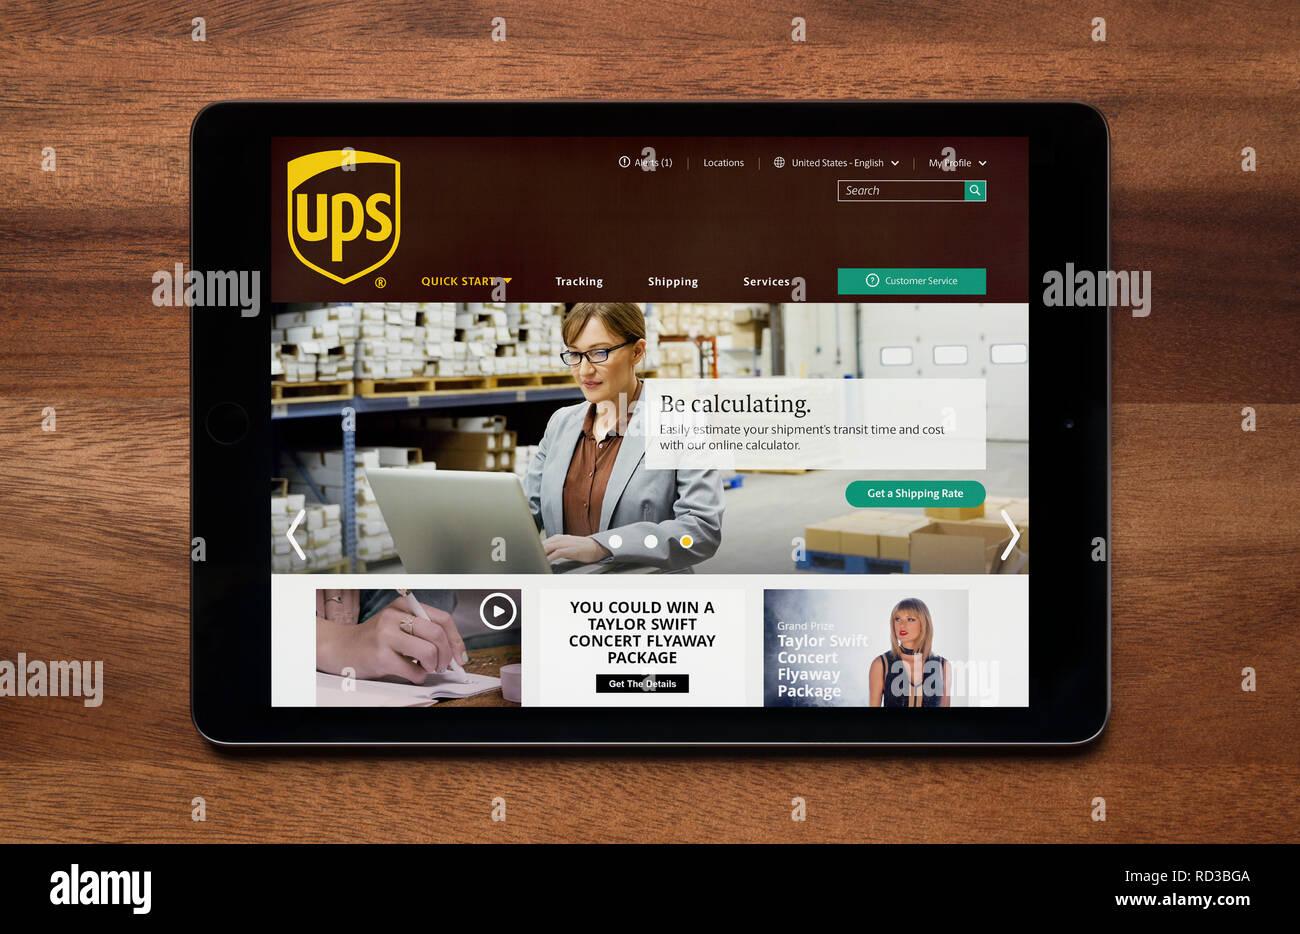 Il sito web di UPS è visto su un tablet iPad, il quale è appoggiato su un tavolo di legno (solo uso editoriale). Immagini Stock